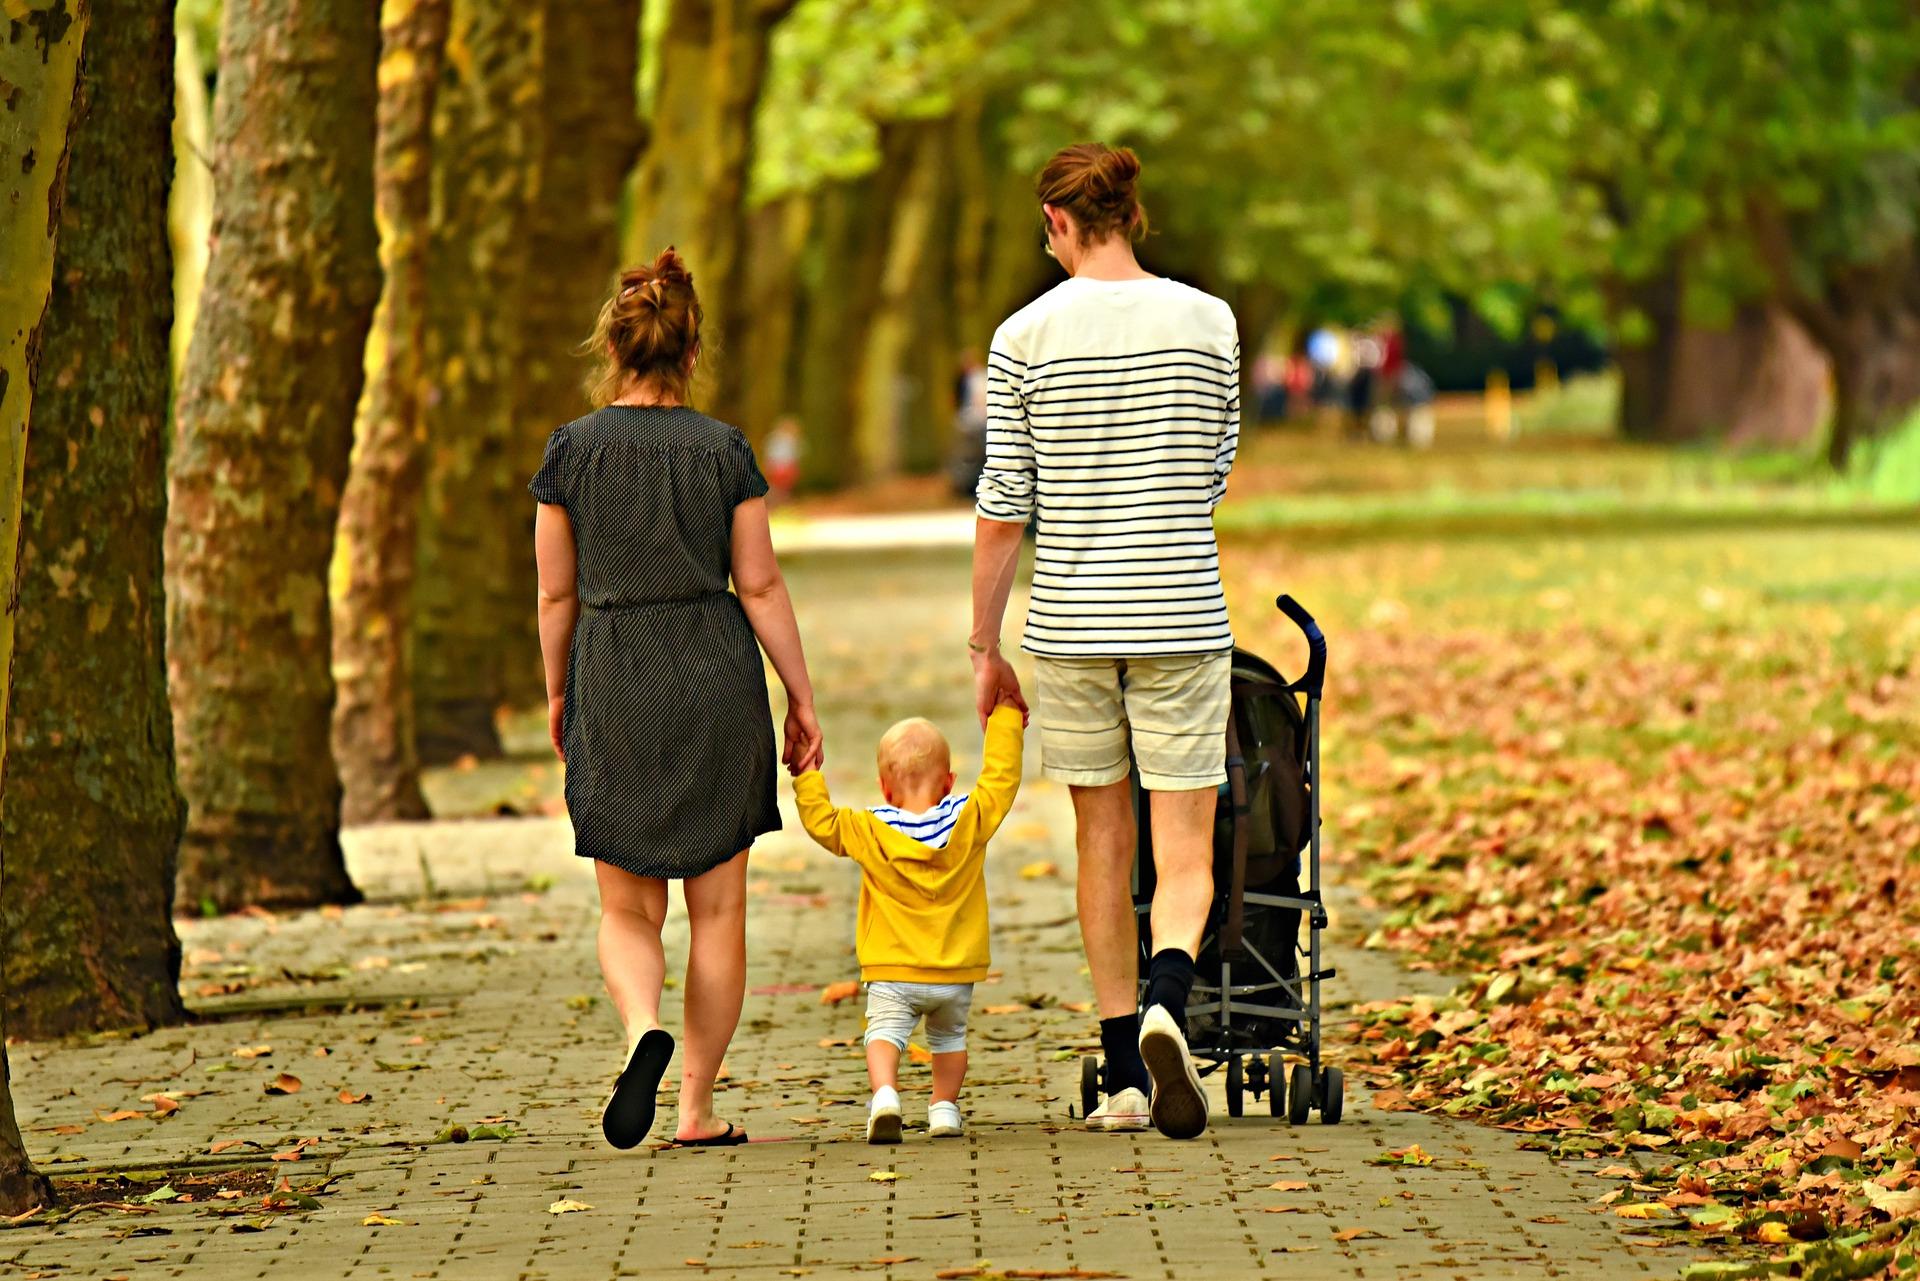 Agevolazioni economiche per famiglie e singoli cittadini: la guida per il mese di febbraio